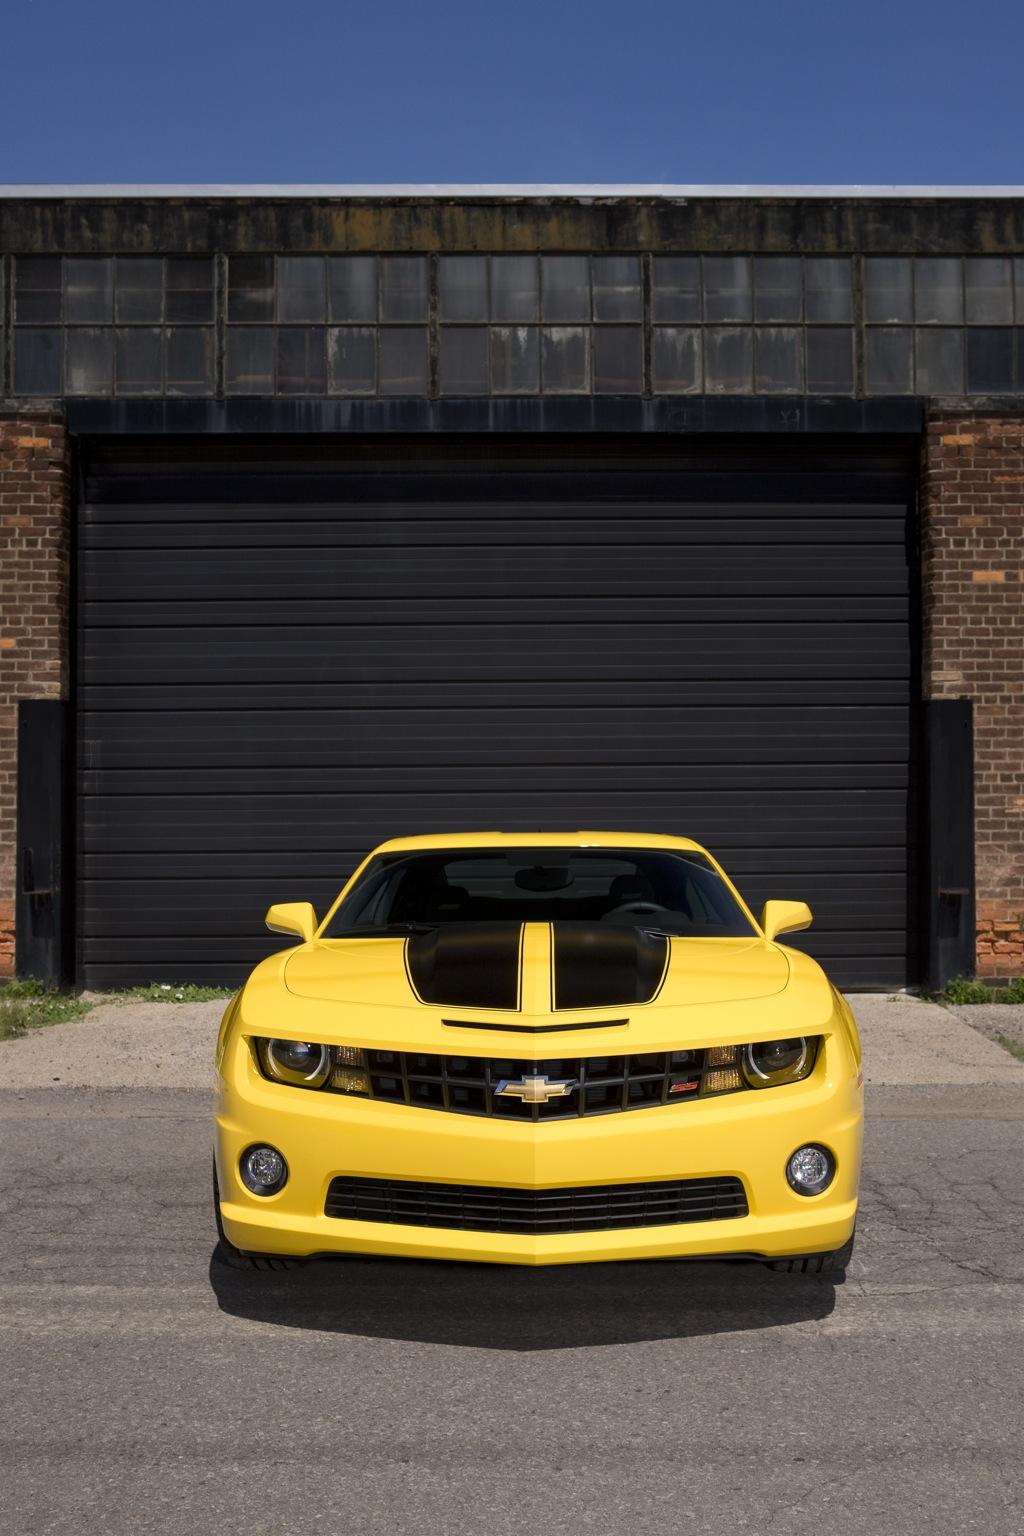 2010 Chevrolet Camaro Transformers Special Edition ...